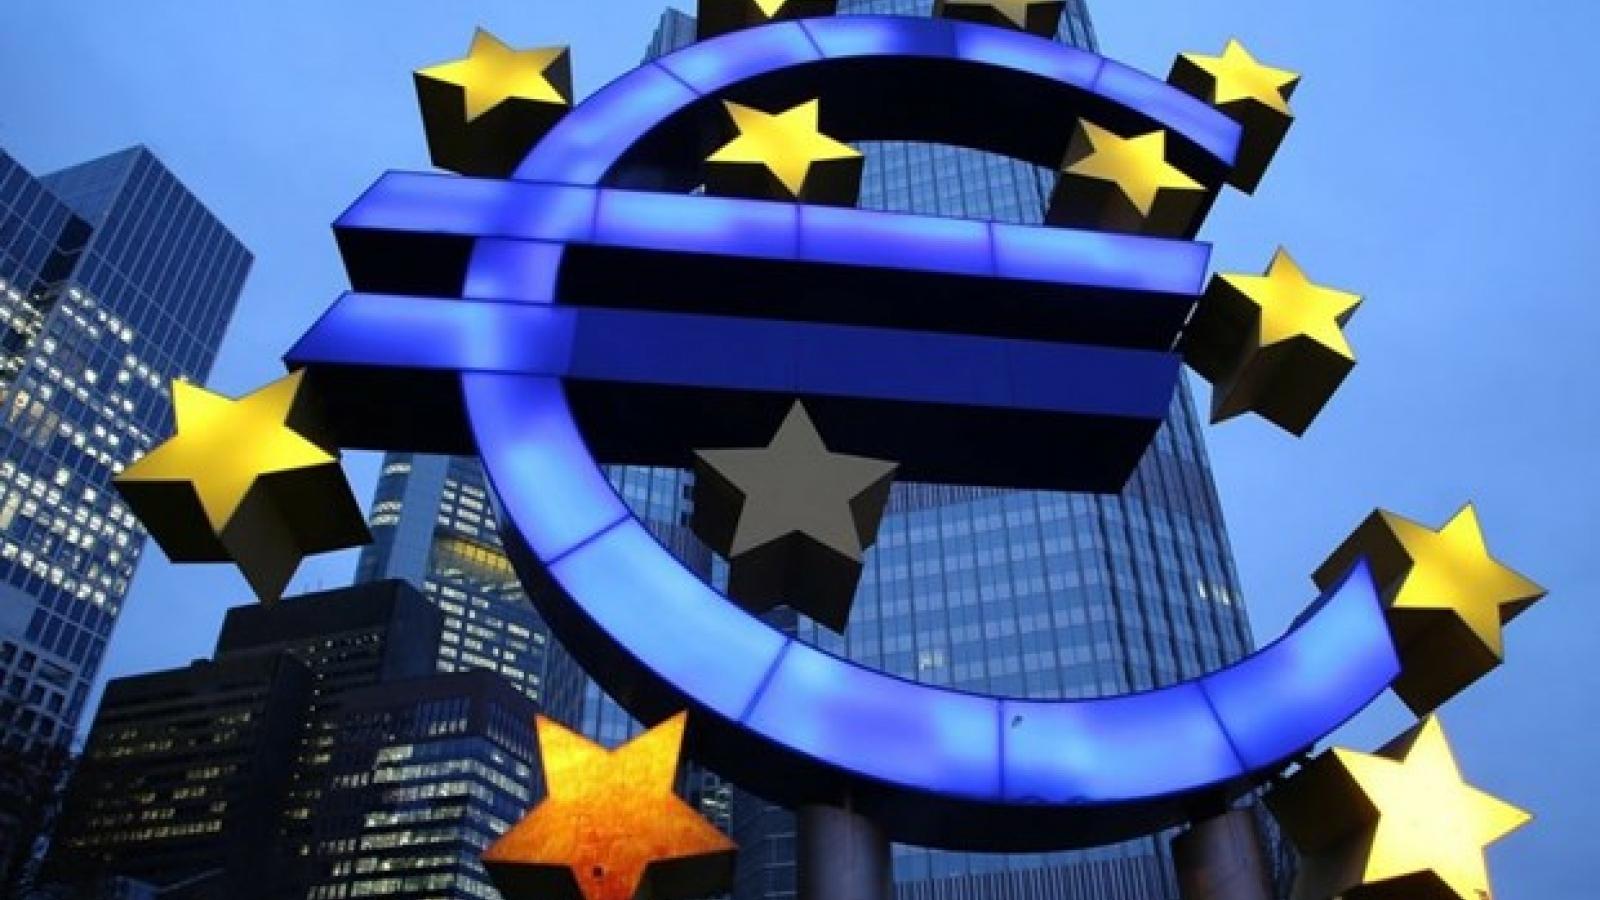 EU tìm giải pháp cứu nguy cho nền kinh tế giữa đại dịch Covid-19